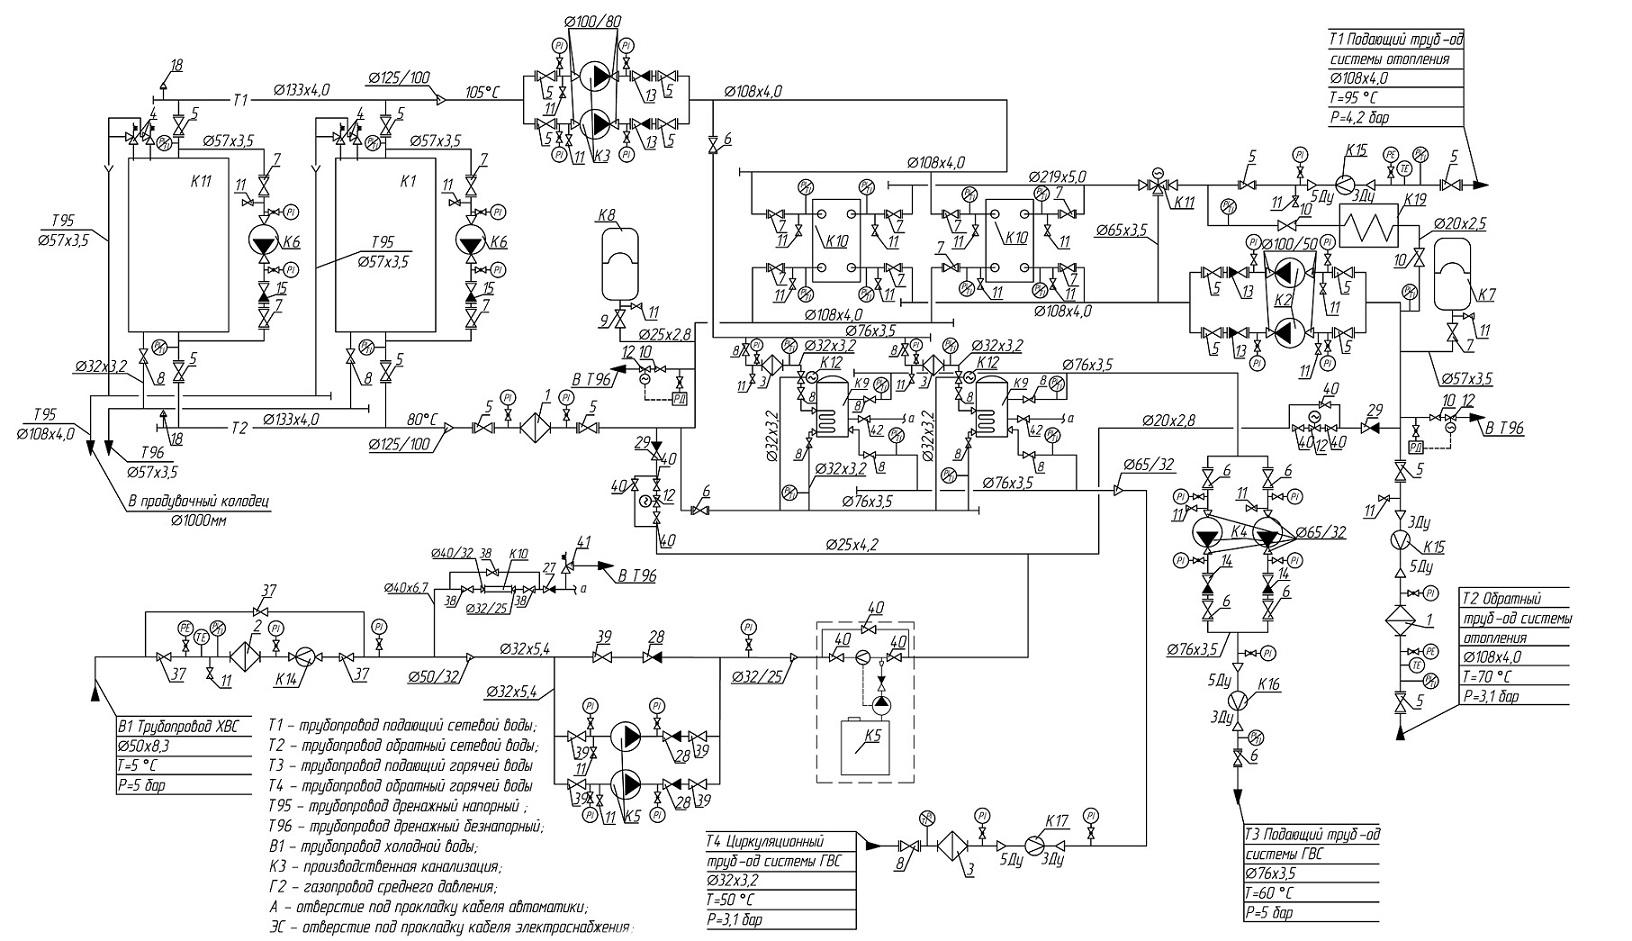 тепломеханическая схема газовых блочных котельных установок для отопления, гвс и вентиляции